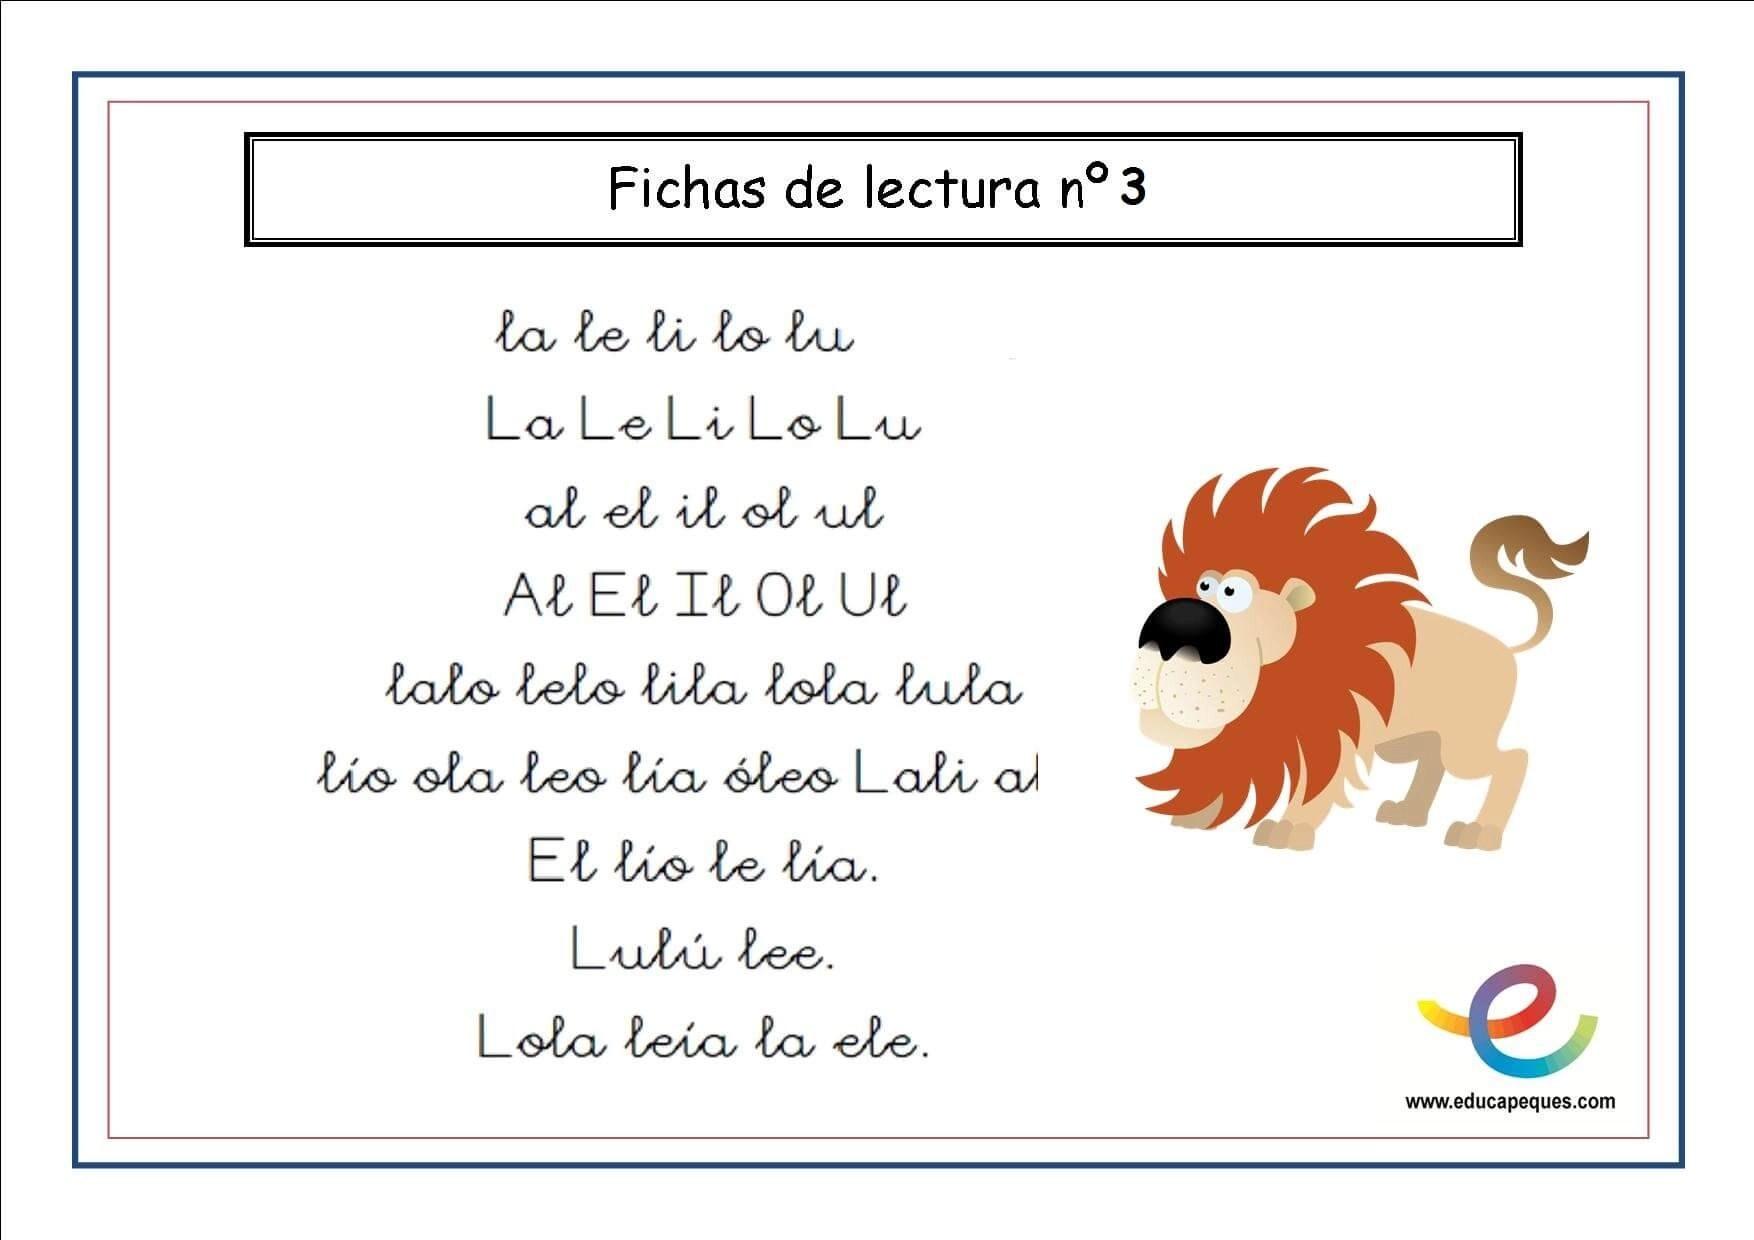 Cartilla De Lectura Infantil: El Portal De Educapeques